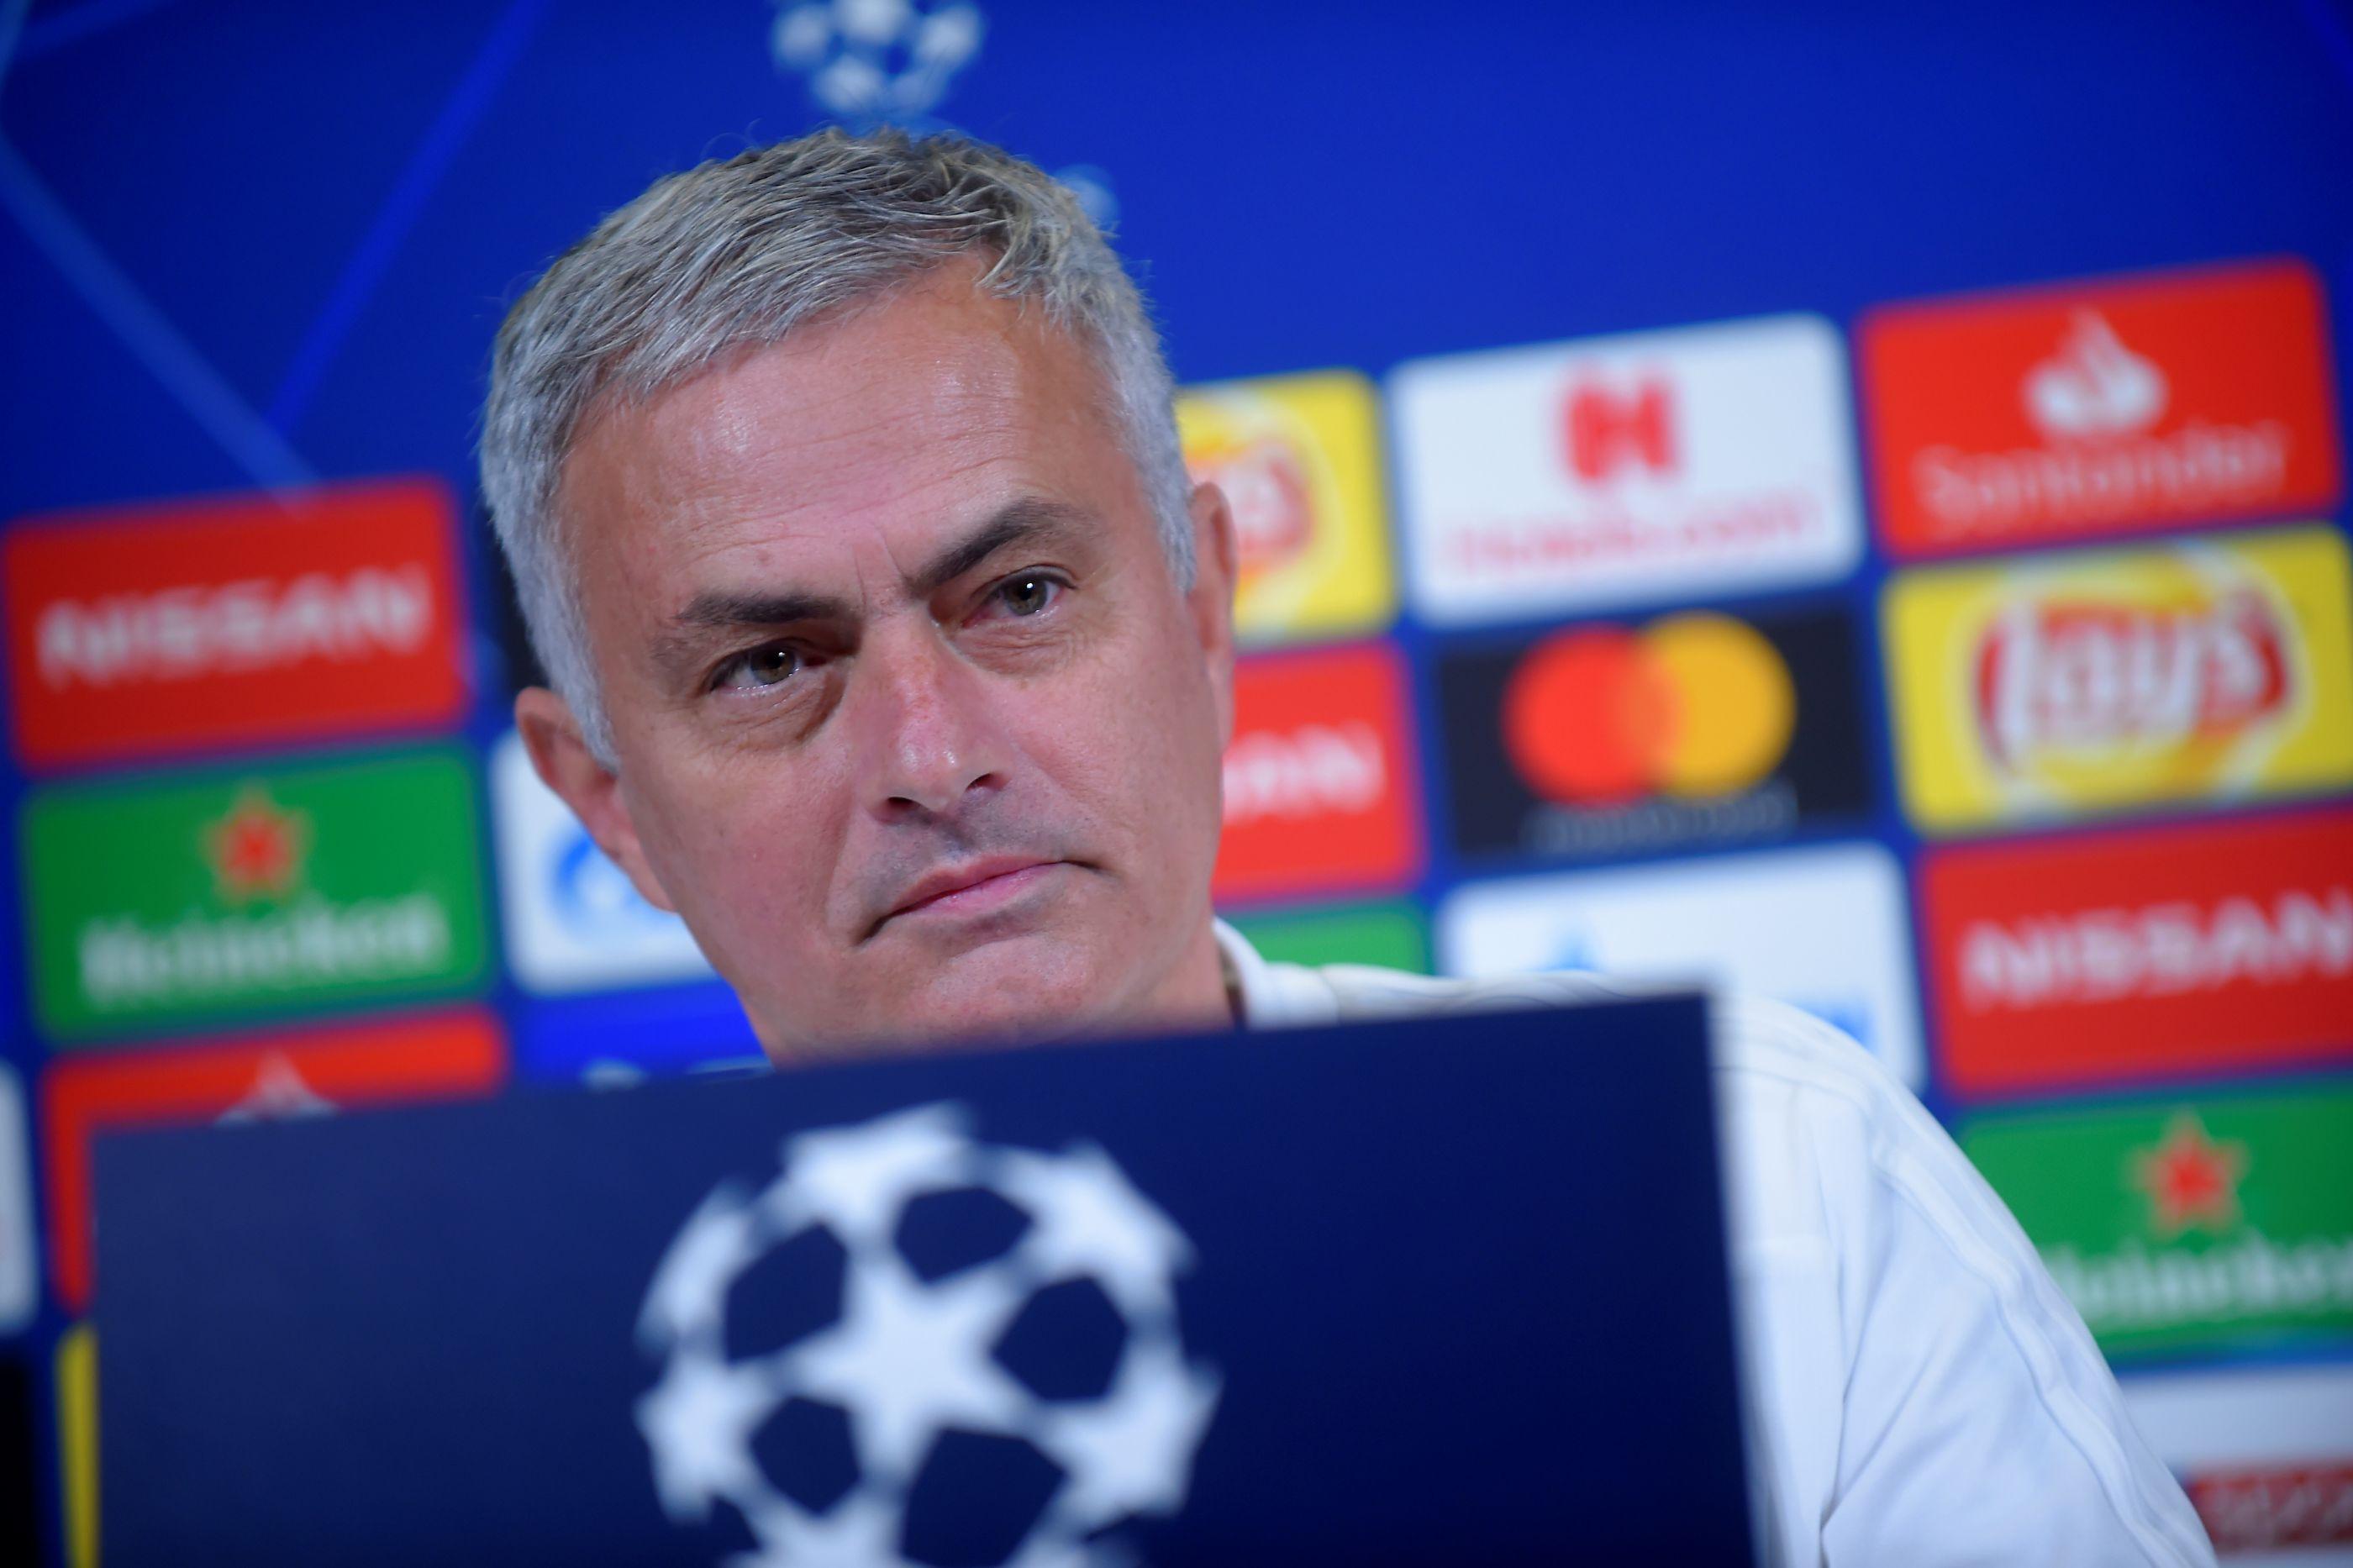 Futuro de Mourinho depende da Champions. United já pensa no sucessor